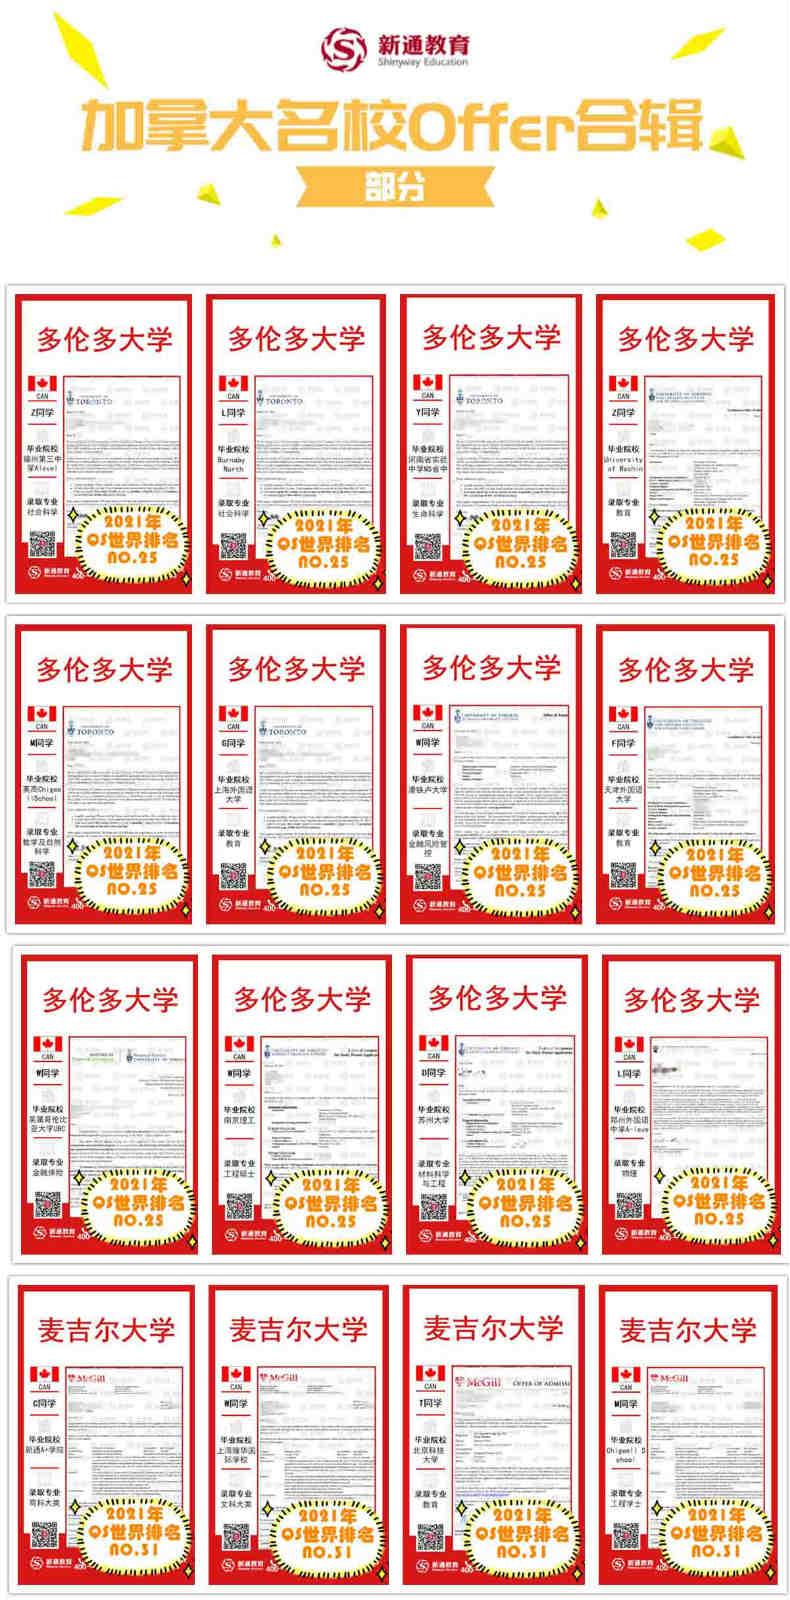 加拿大名校offer集锦(部分)1